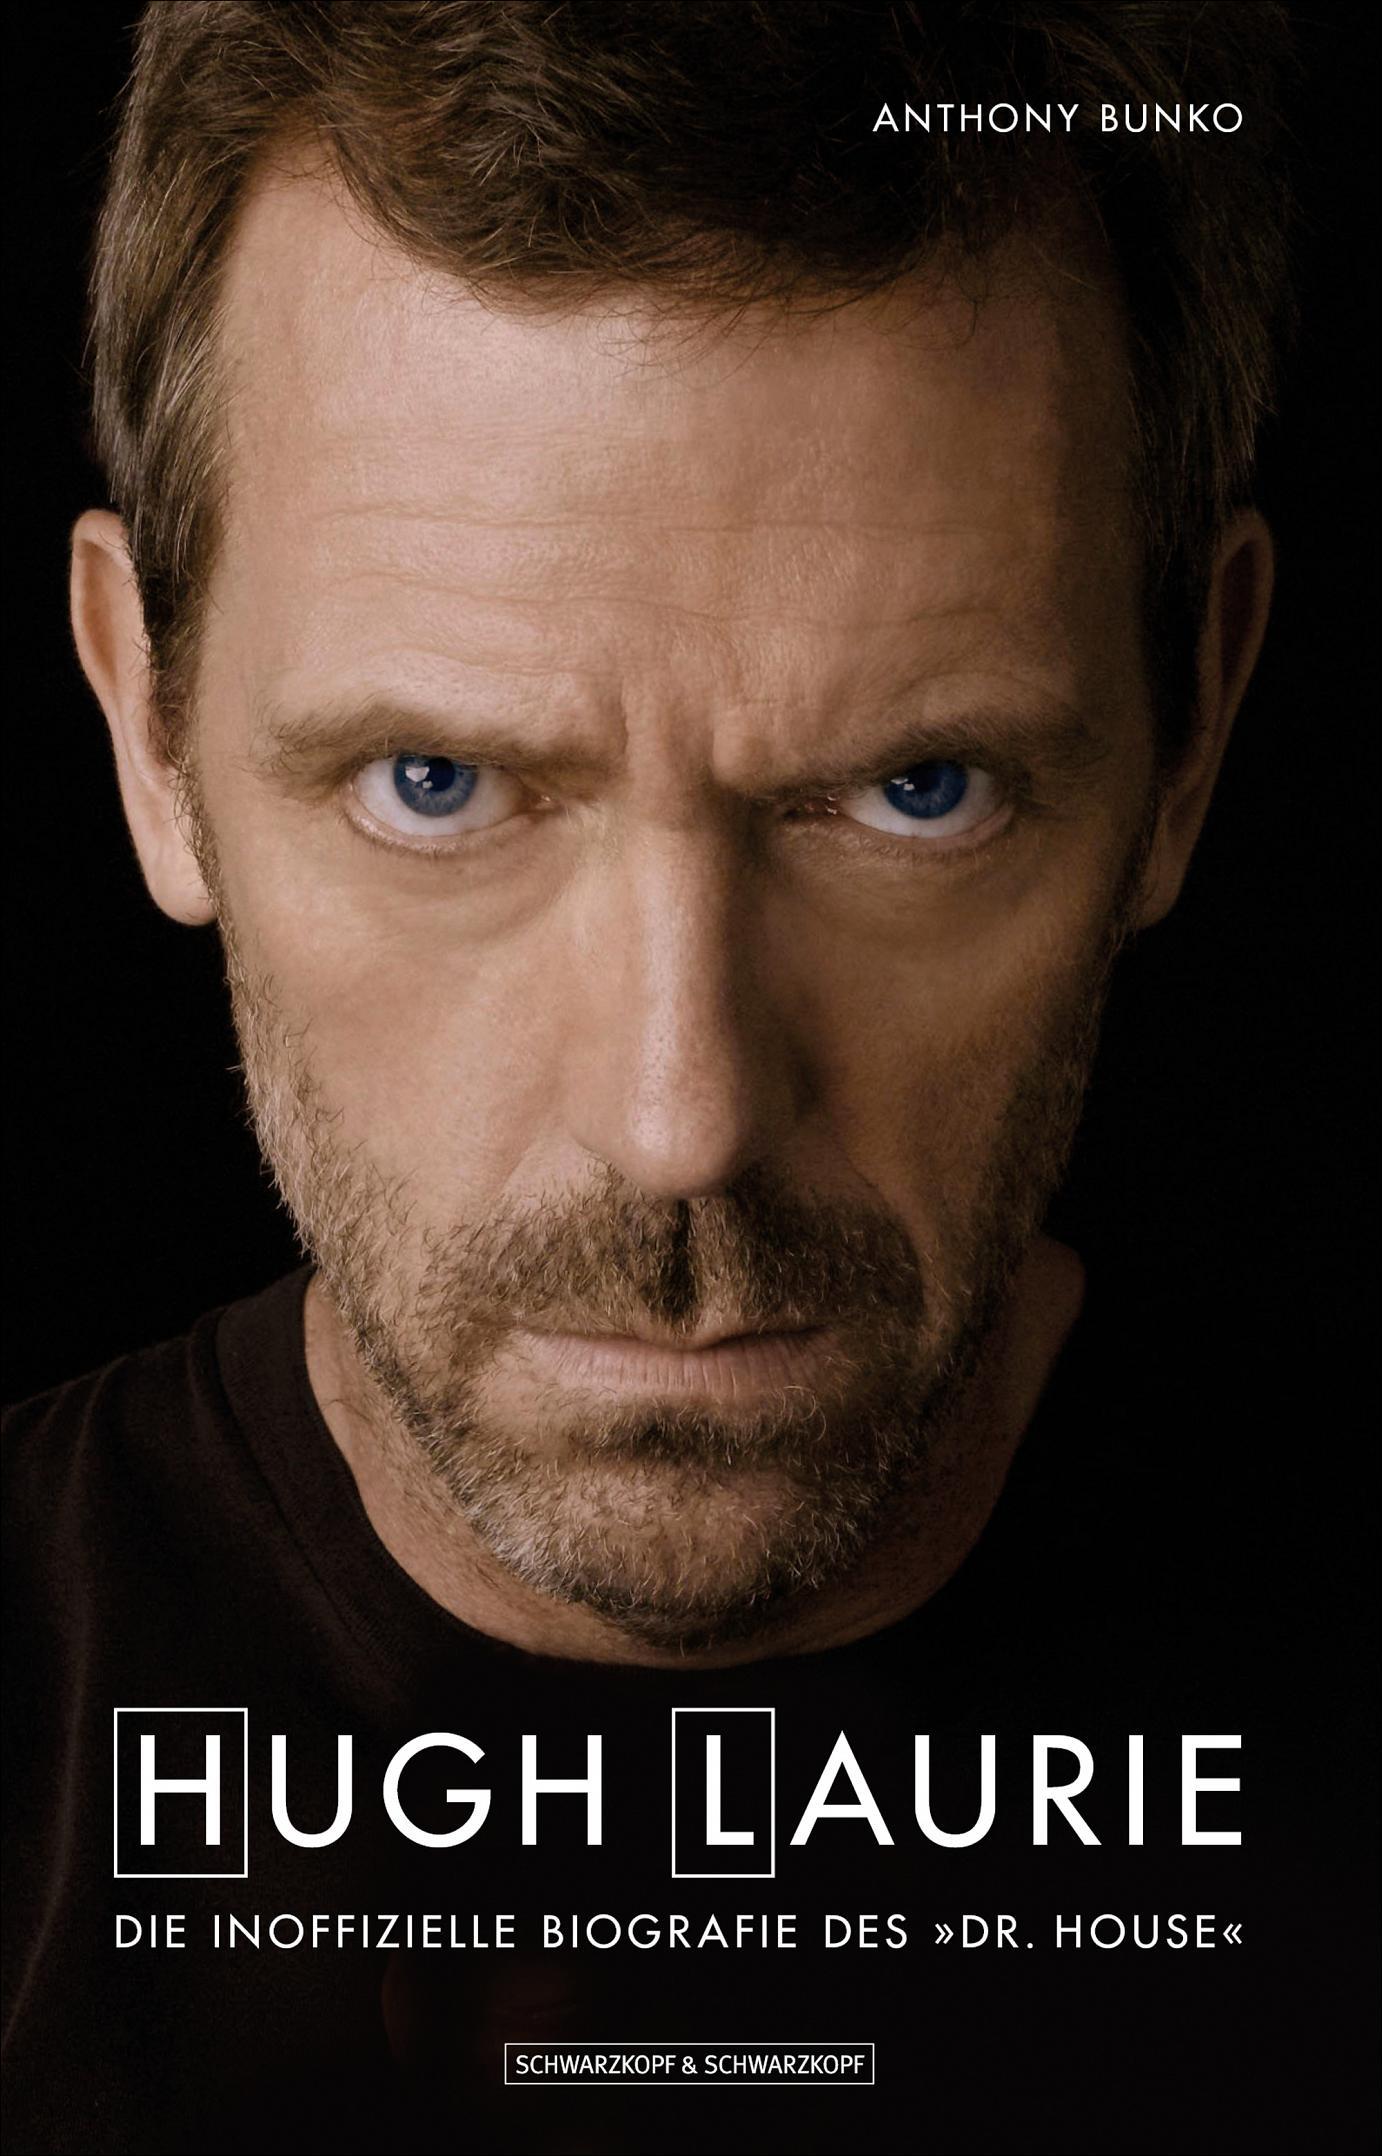 Hugh Laurie – Die inoffizielle Biographie des Dr. House von Anthony Bunko